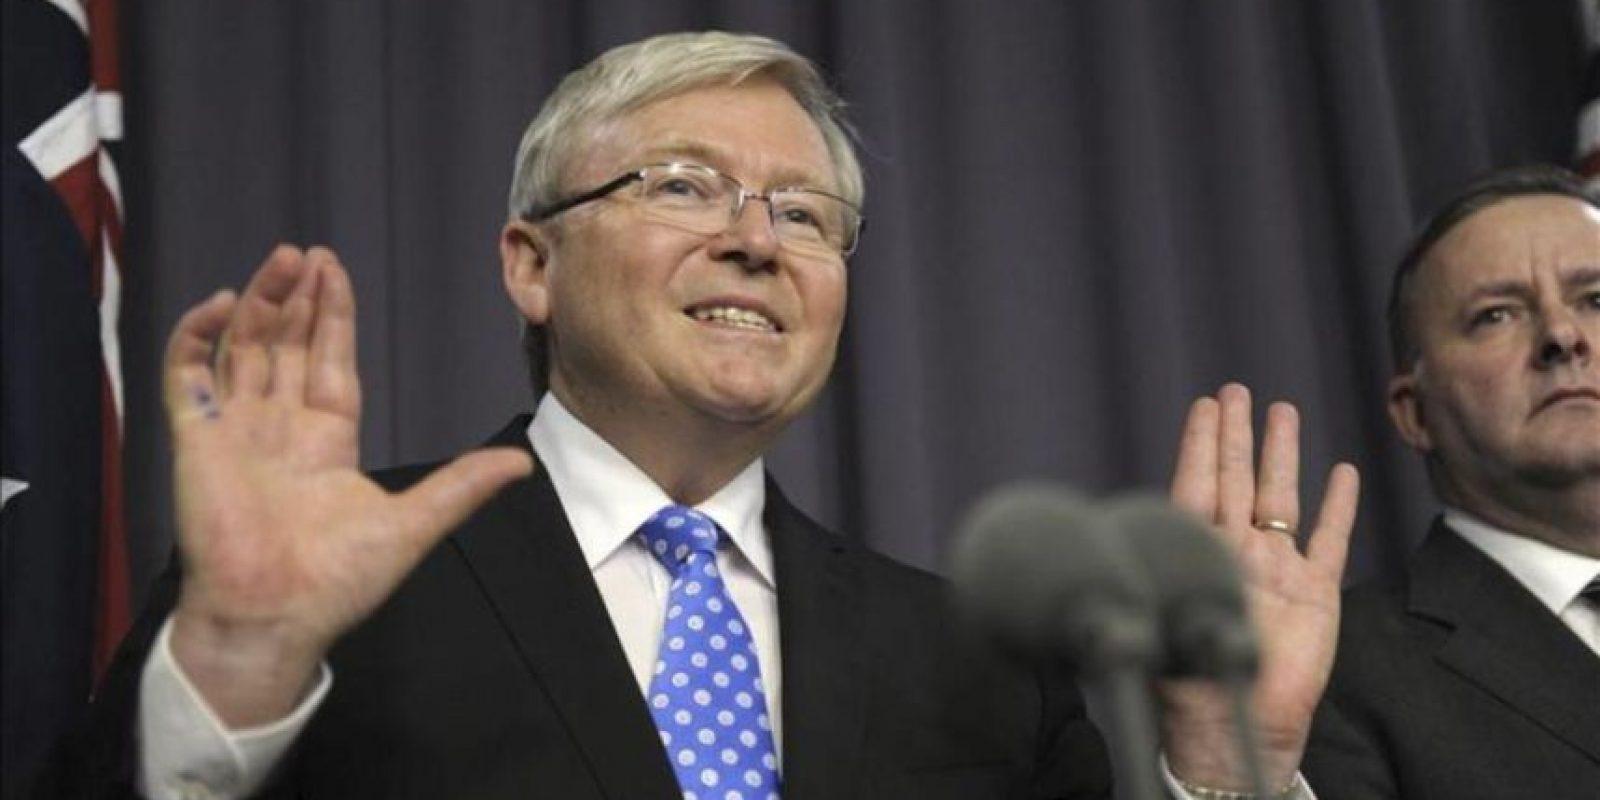 El ex primer ministro australiano Kevin Rudd (i) comparece junto al titular de la cartera de Desarrollo regional y Gobiernos locales, Anthony Albanese (d), durante una rueda de prensa ofrecida en el Parlamento de Canberra (Australia). EFE